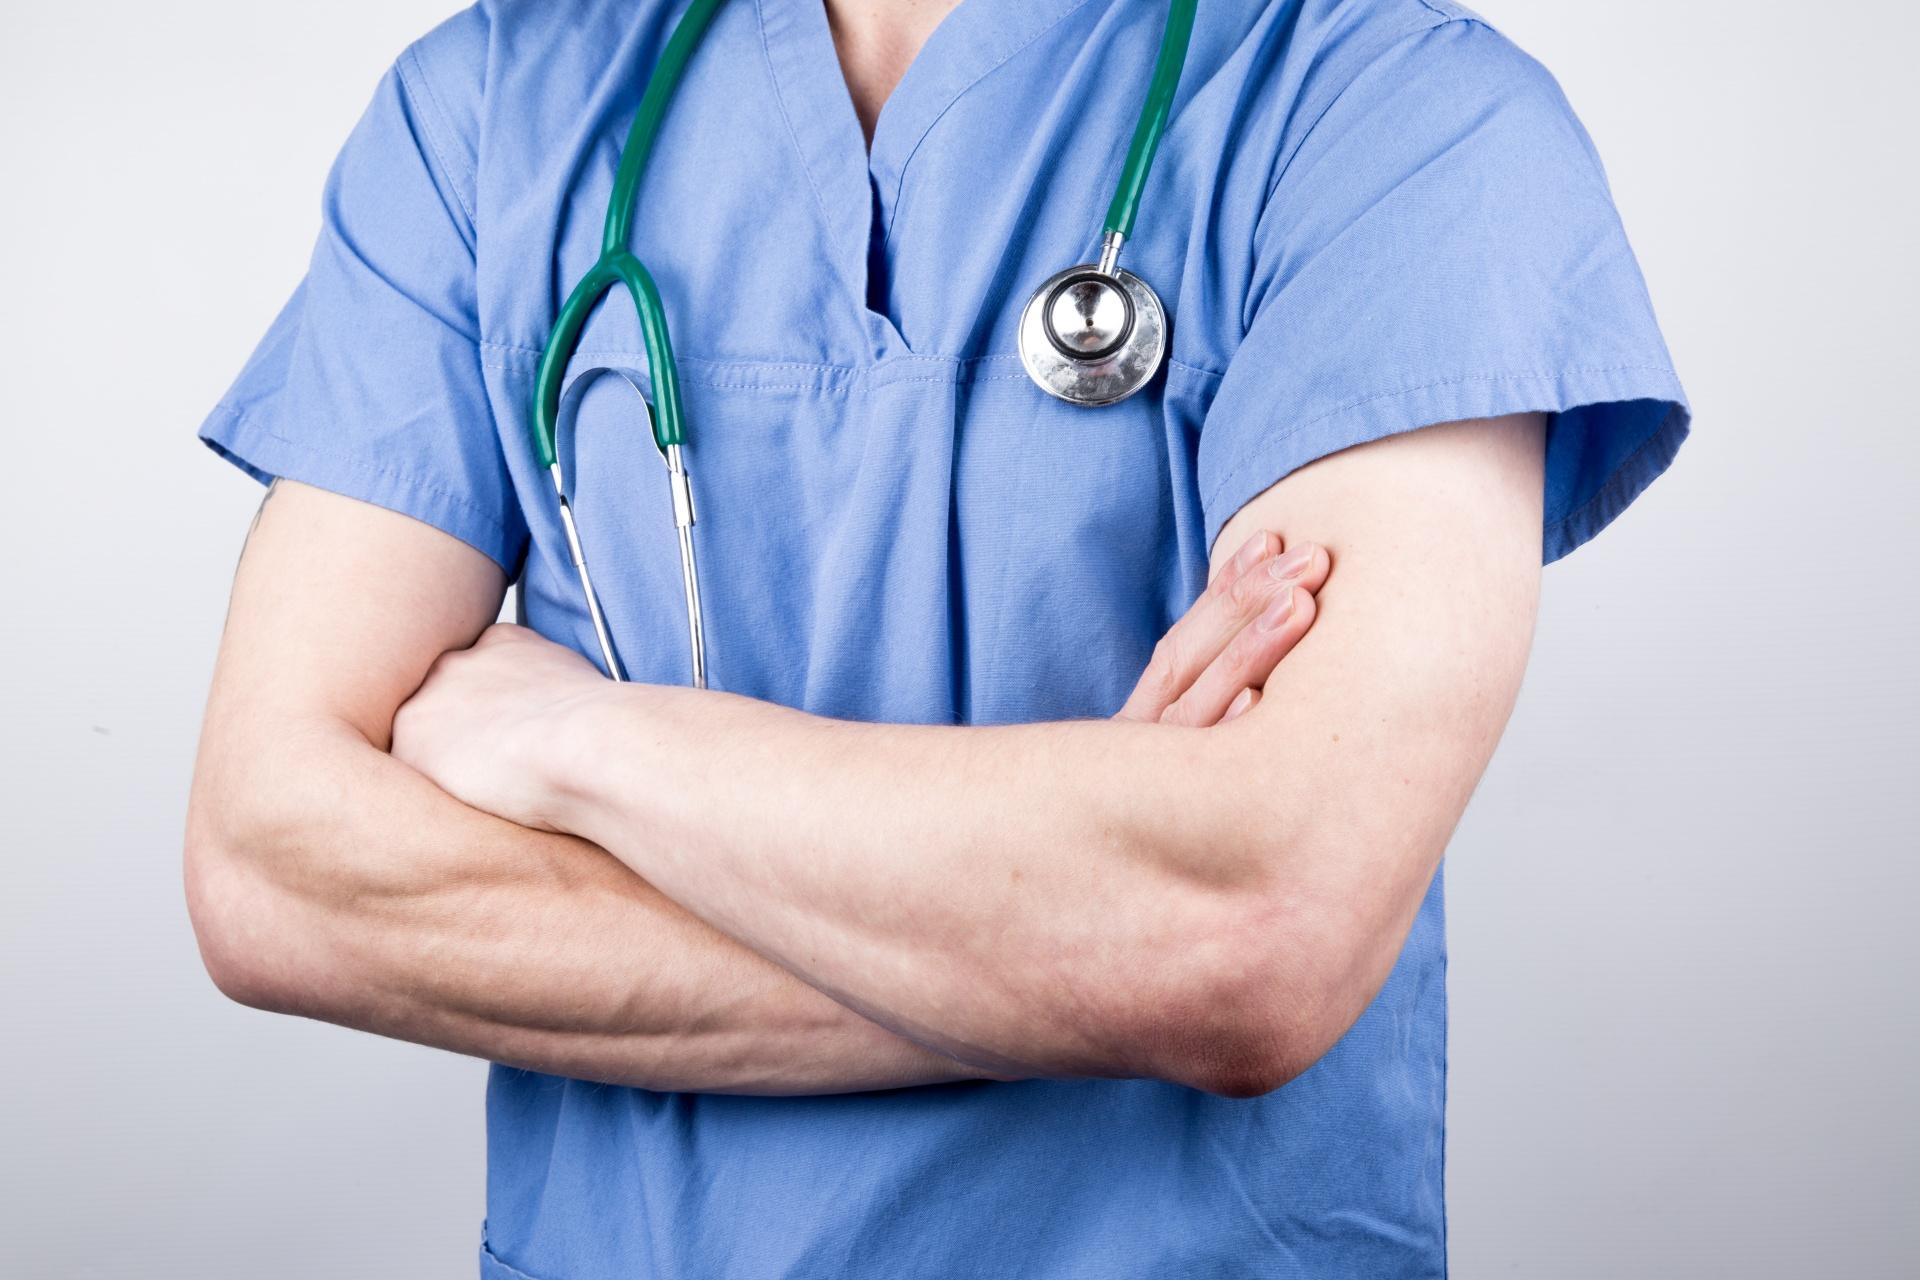 újdonság a visszér műtéti kezelésében